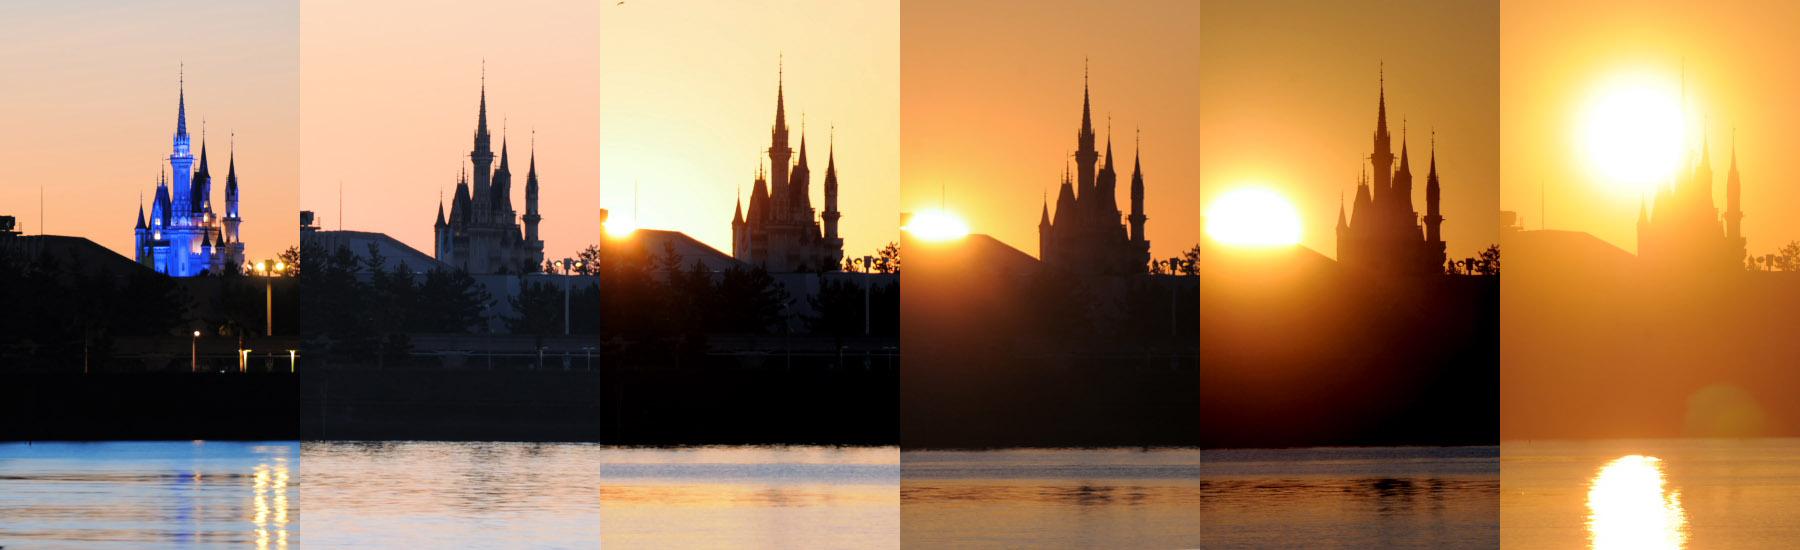 2011年の夜明け